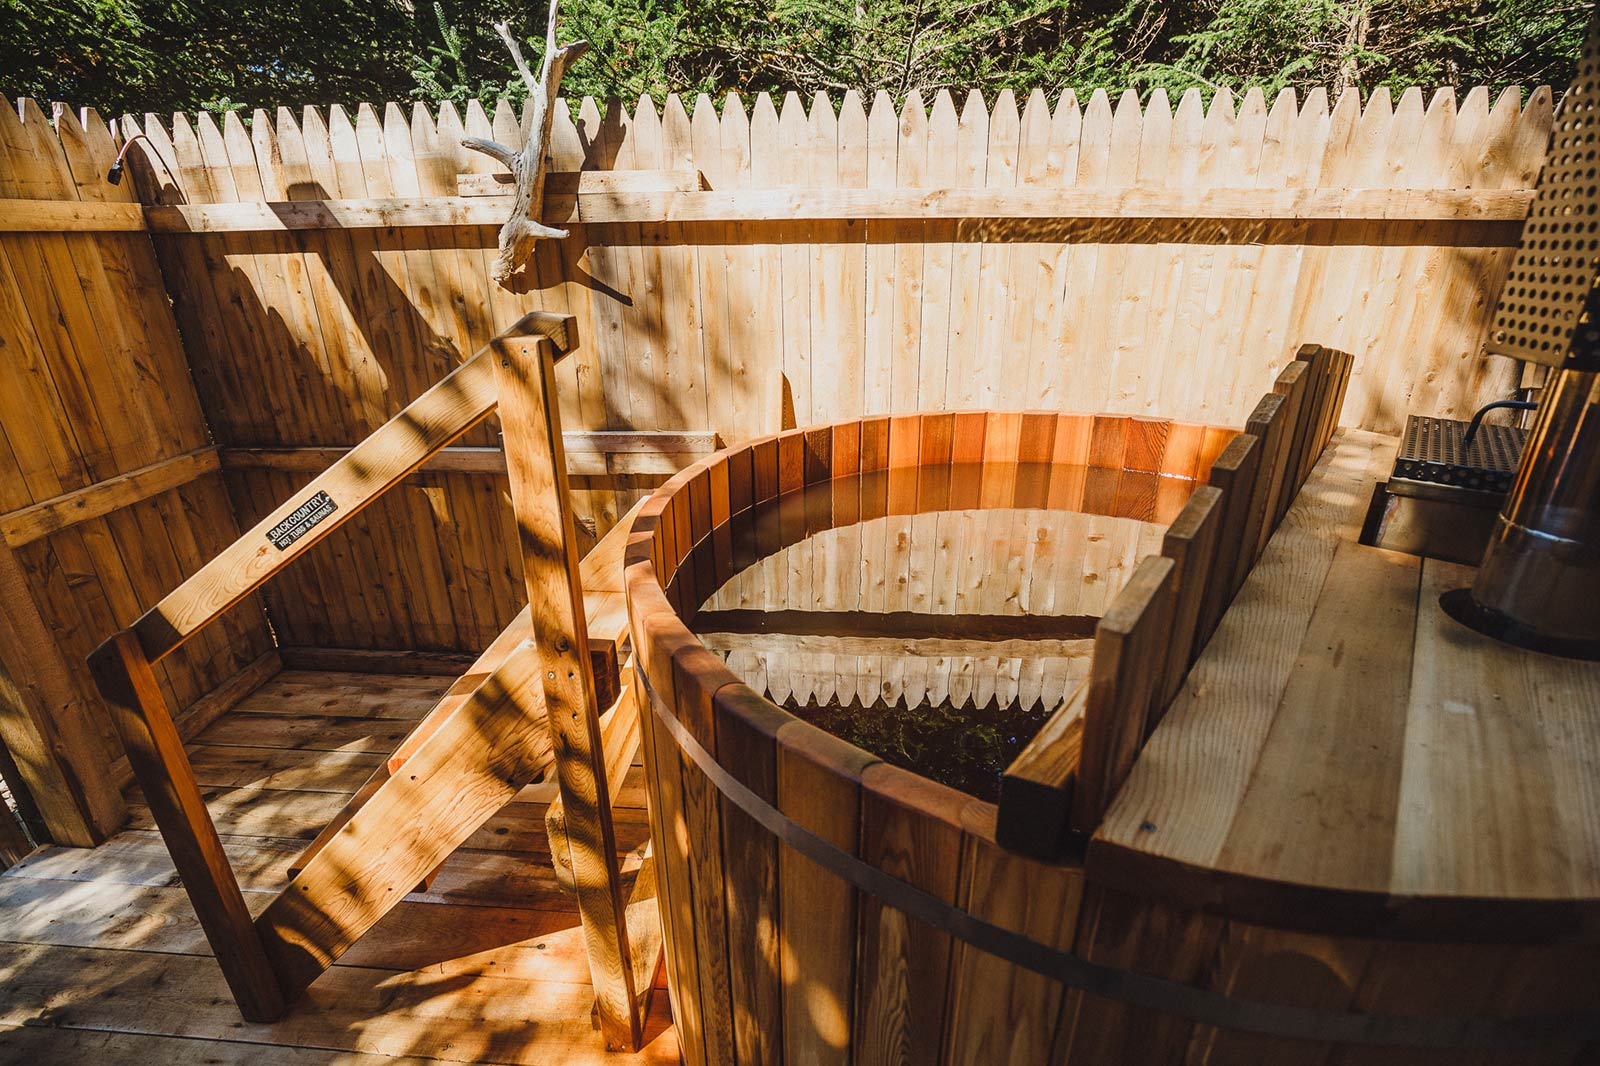 Hot Tub at campground